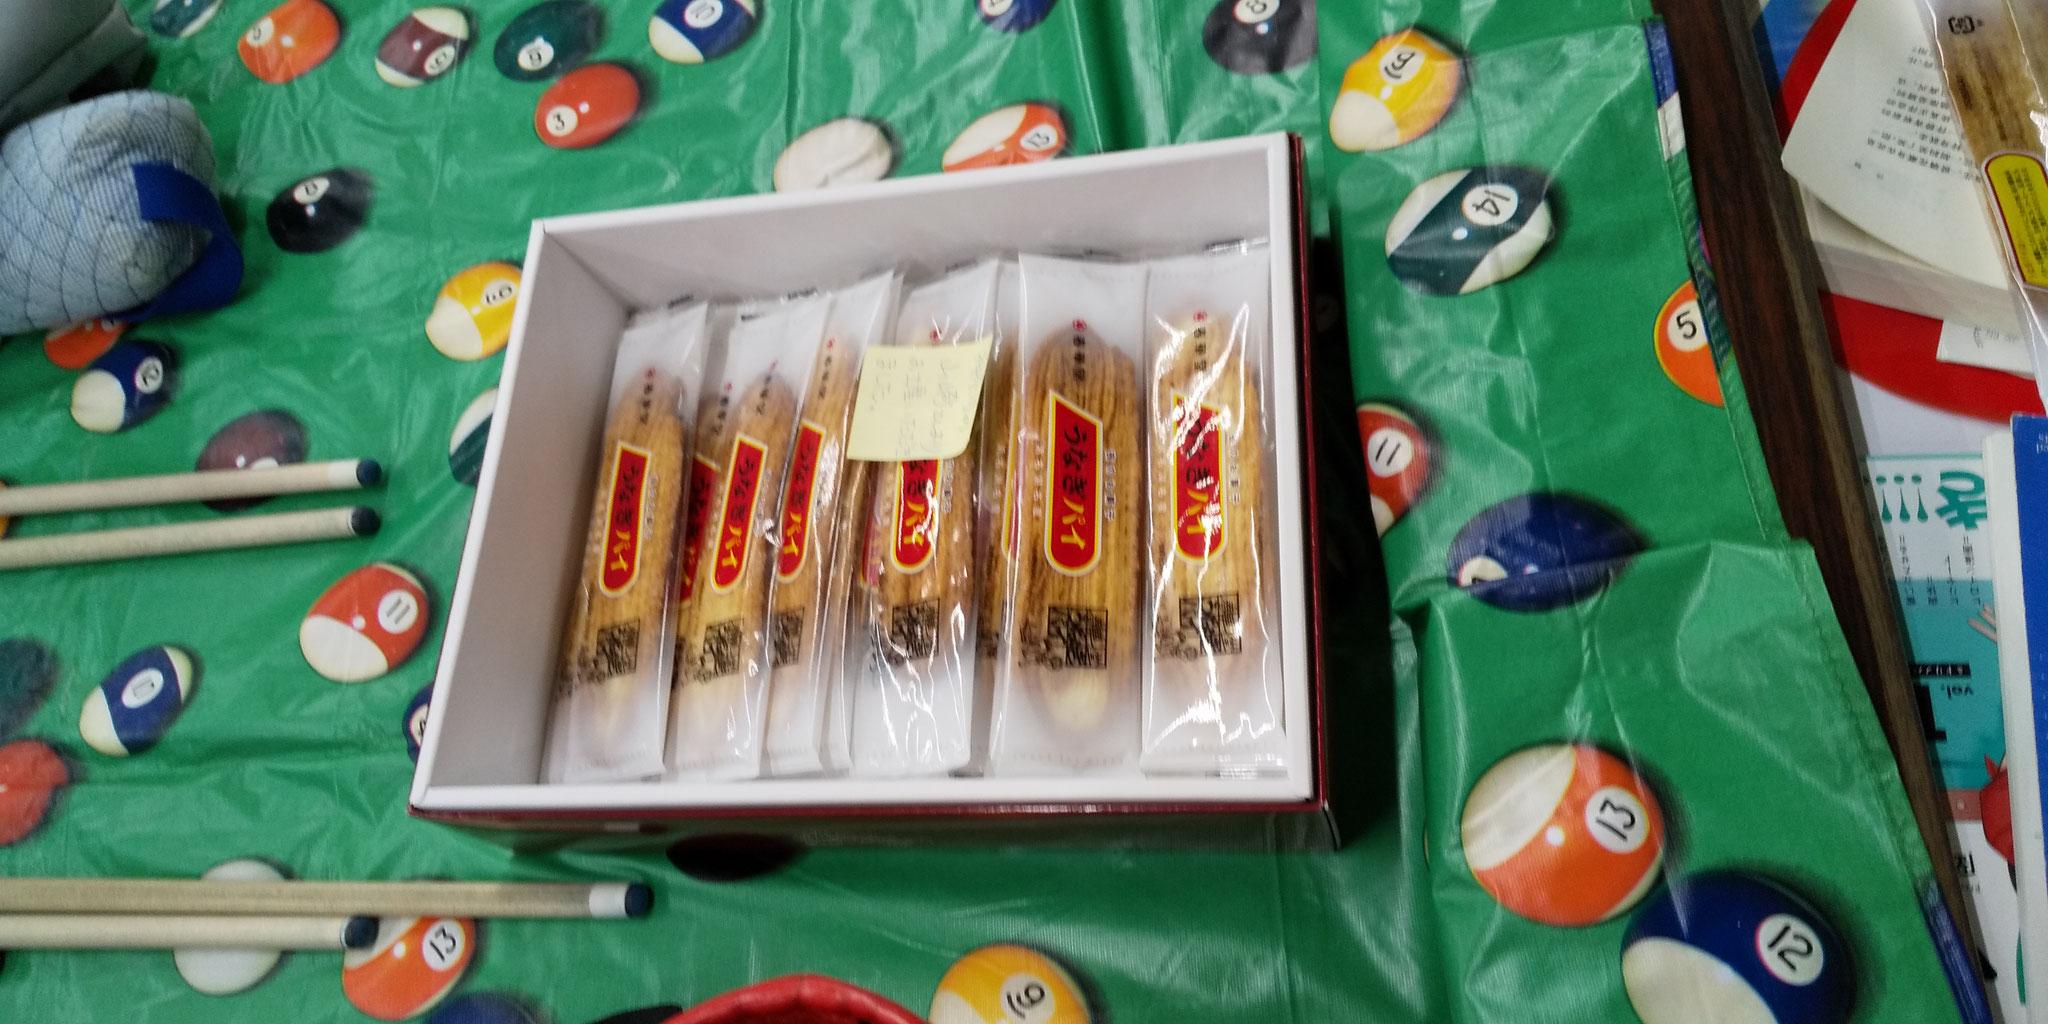 山崎さん、お土産ありがとうございました!